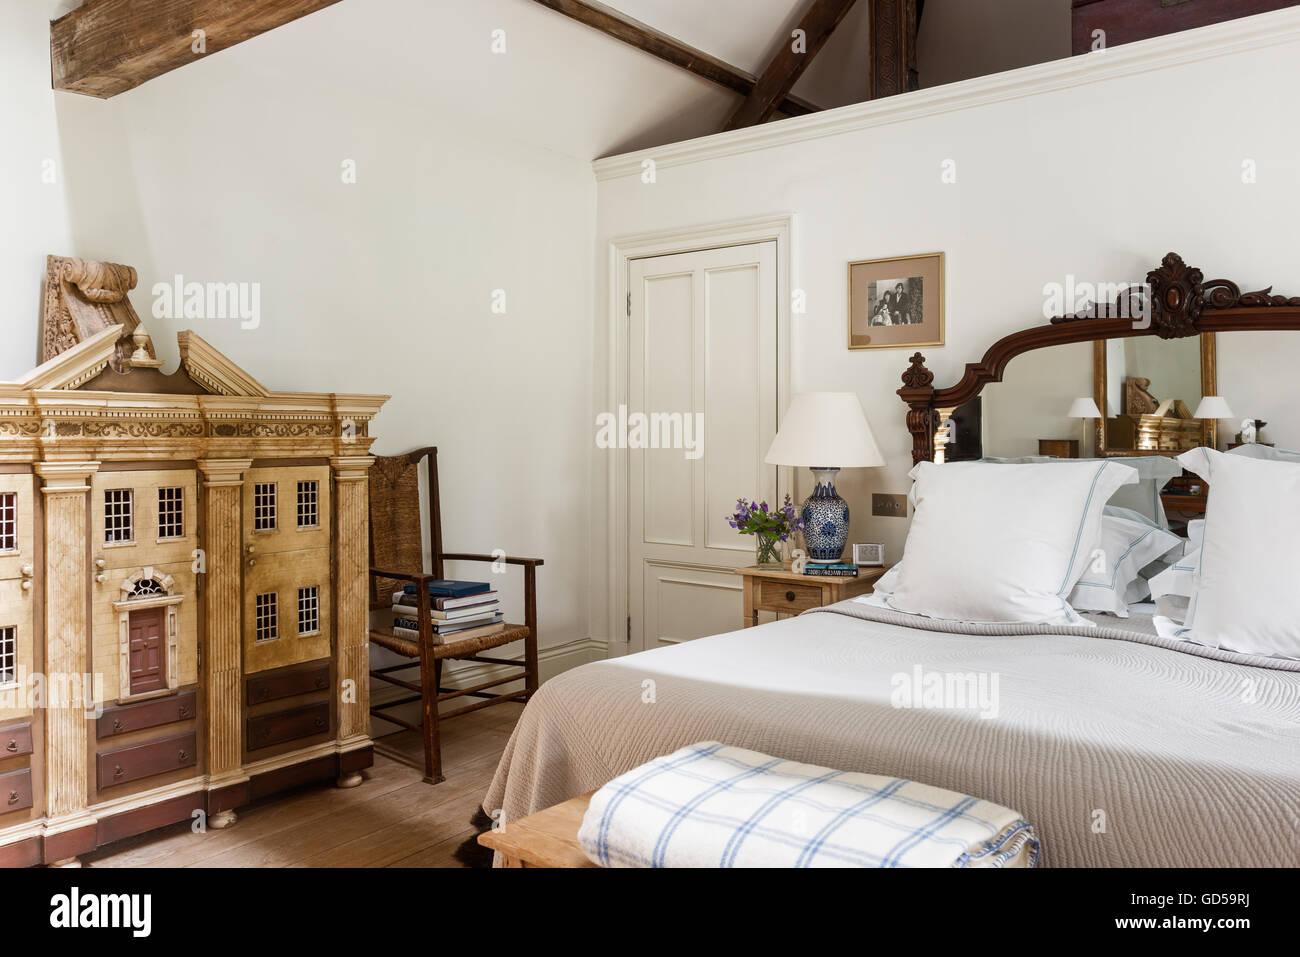 Grande casa delle bambole in camera da letto con travi in legno e ...